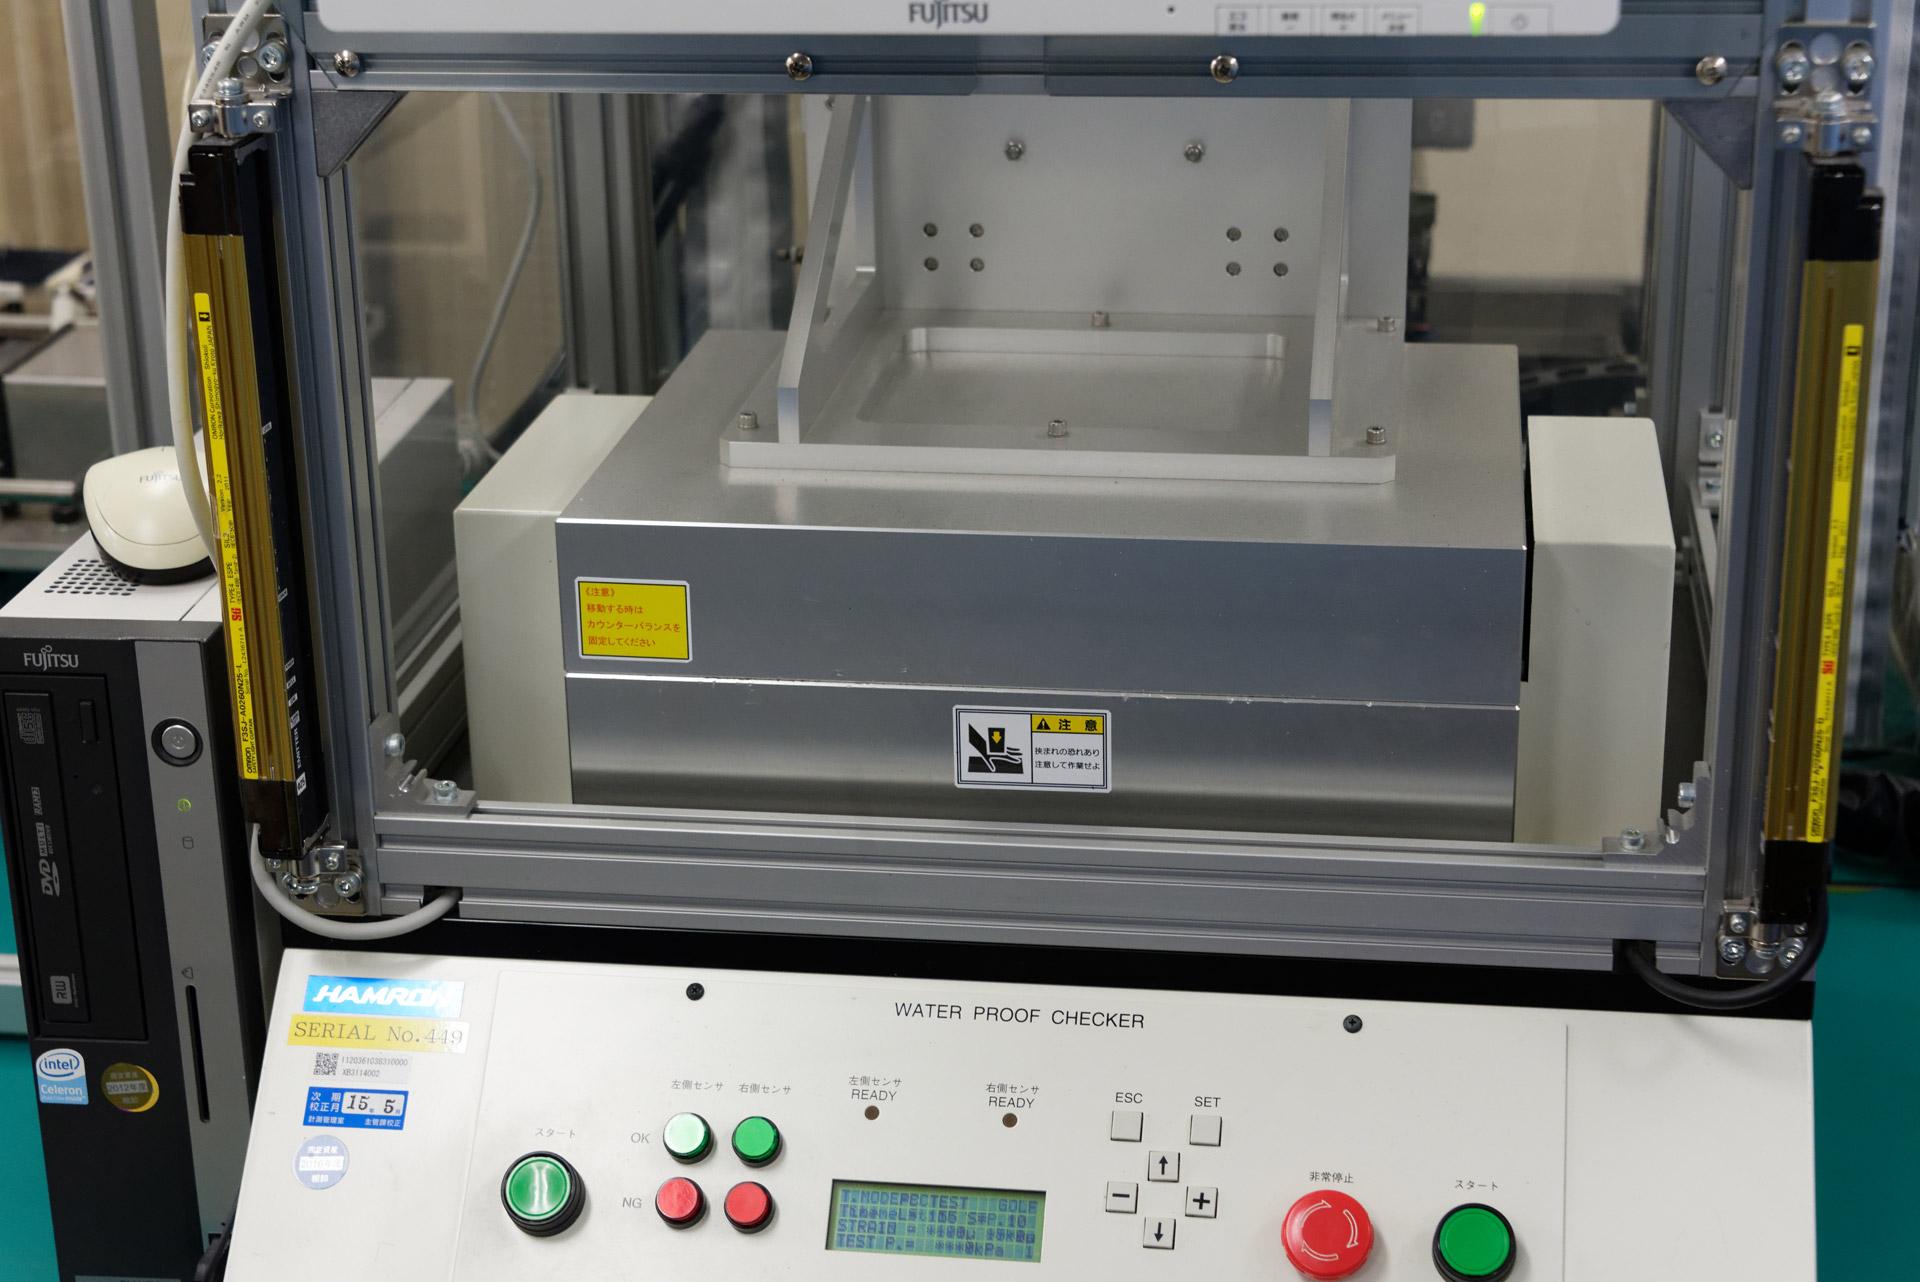 エアリーク試験。端末に空気圧をかけることで、一定以上の気密性が保たれている場合は端末自体が変形する。その変形量を計測することで、防水性能を正しく有しているかを確認する